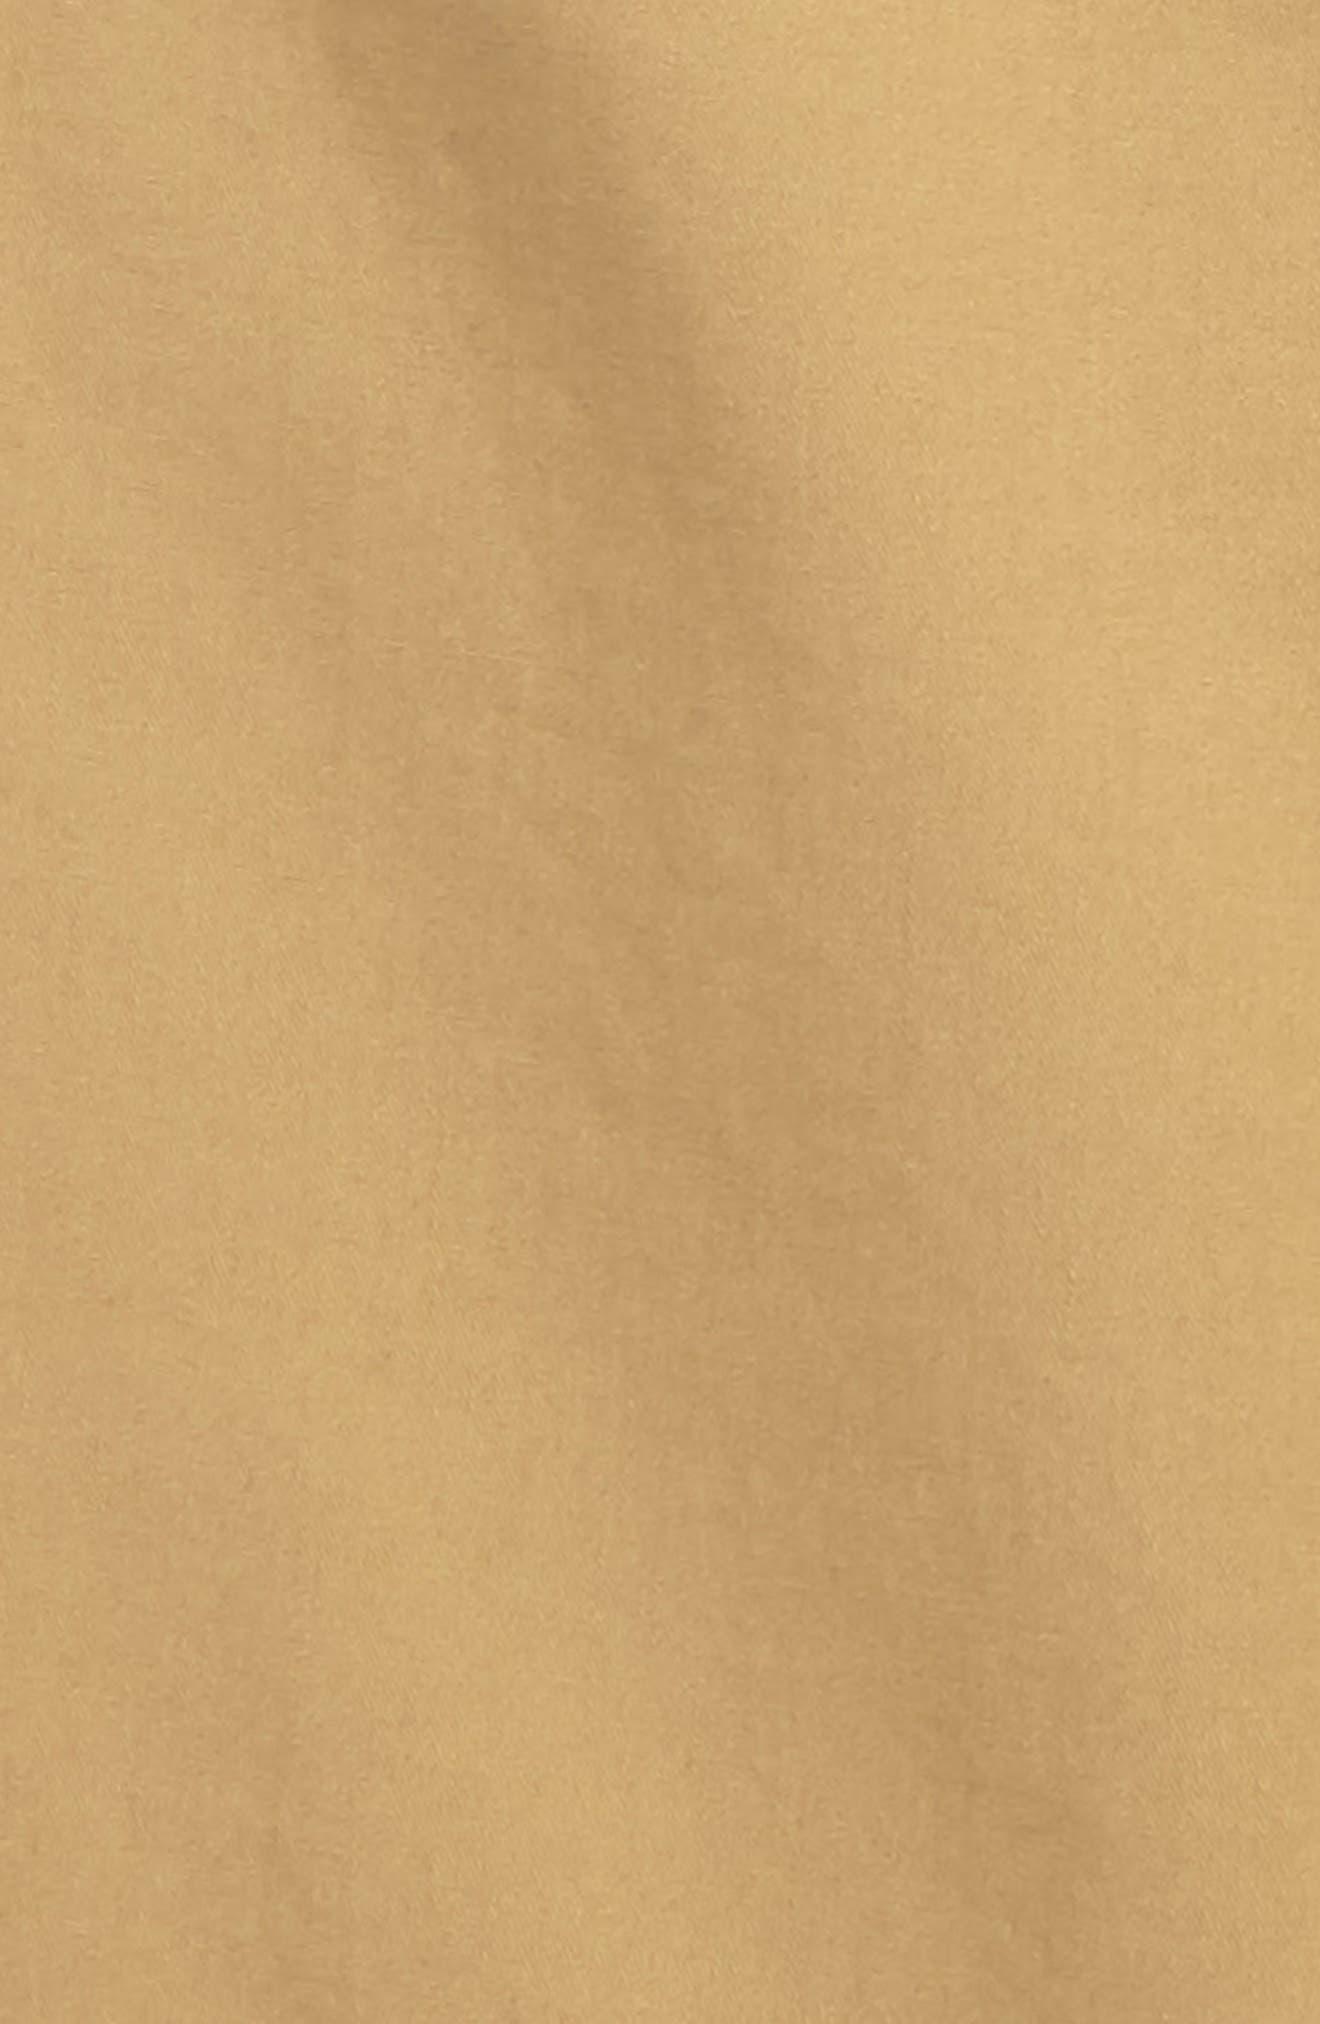 Chino Shorts,                             Alternate thumbnail 8, color,